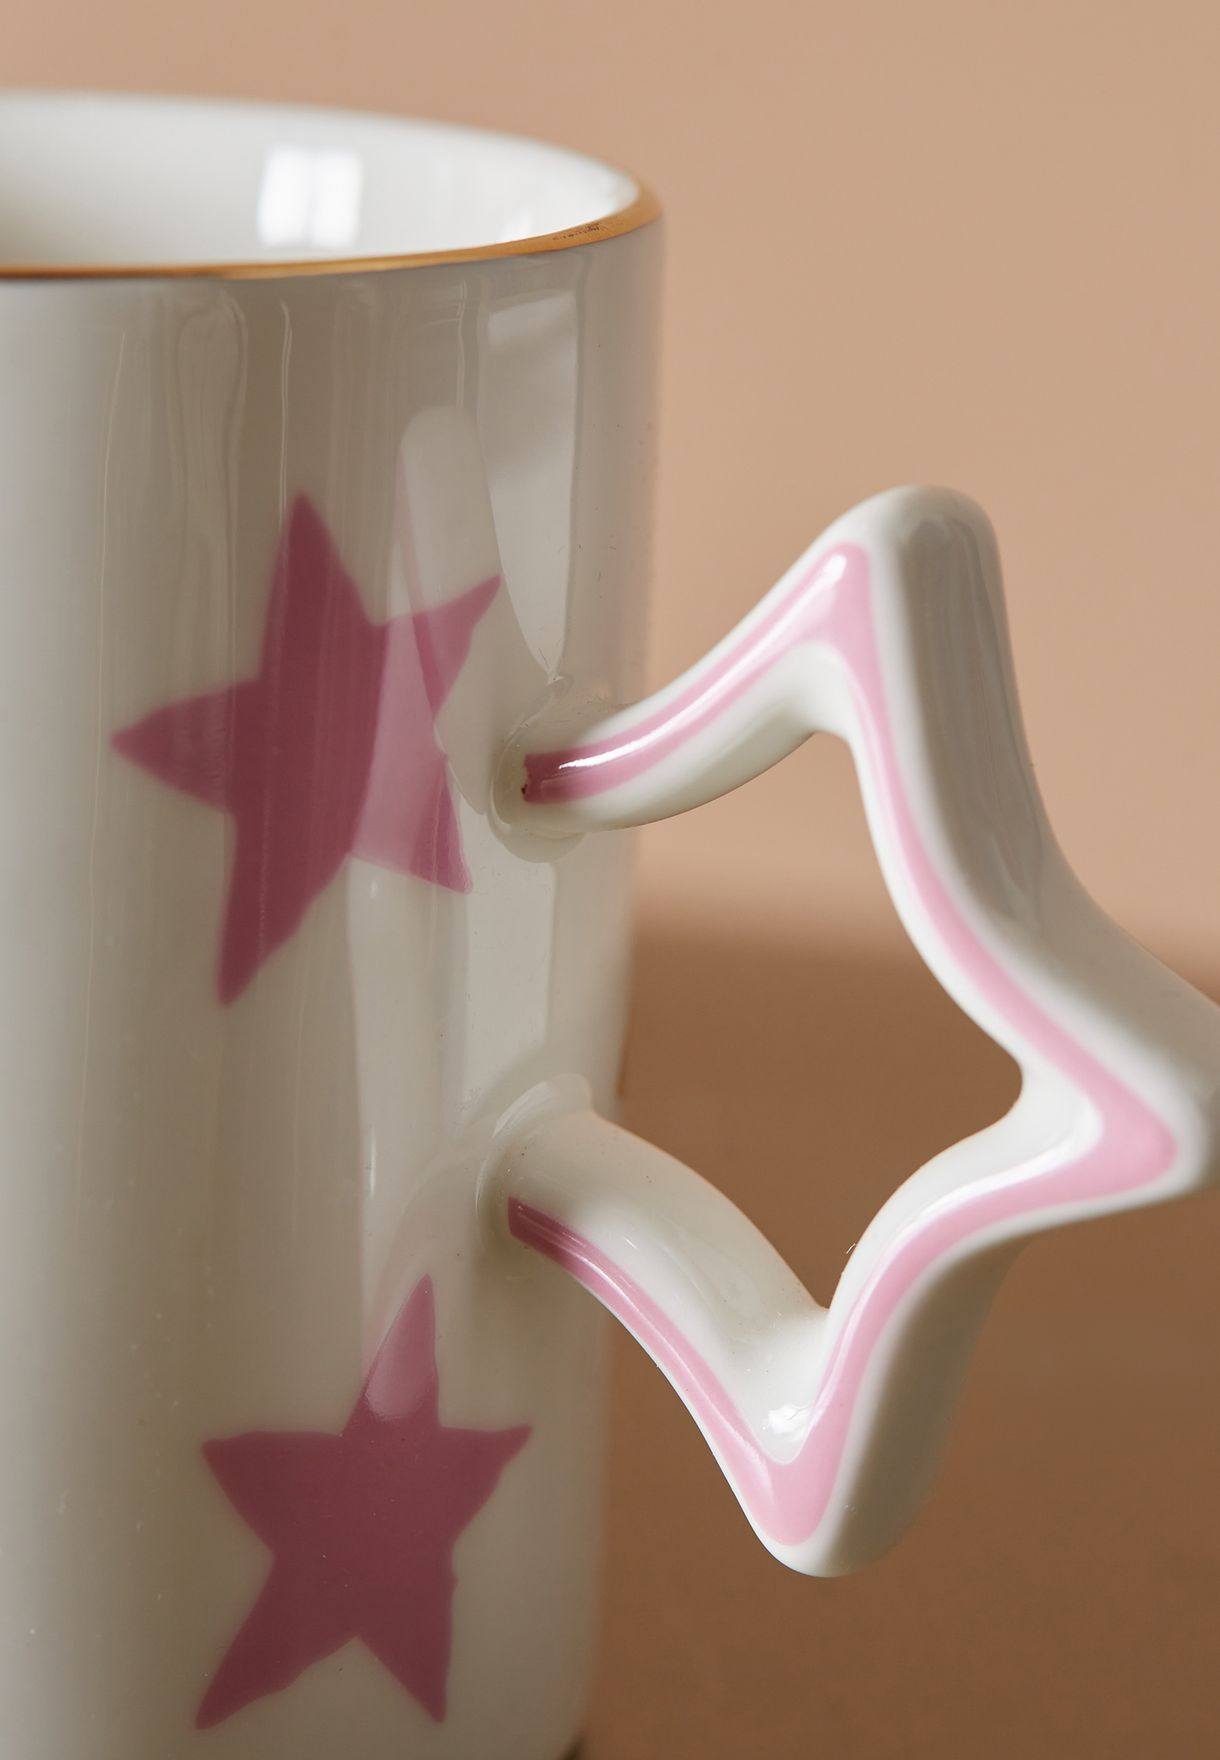 Star Mug with Gift Box